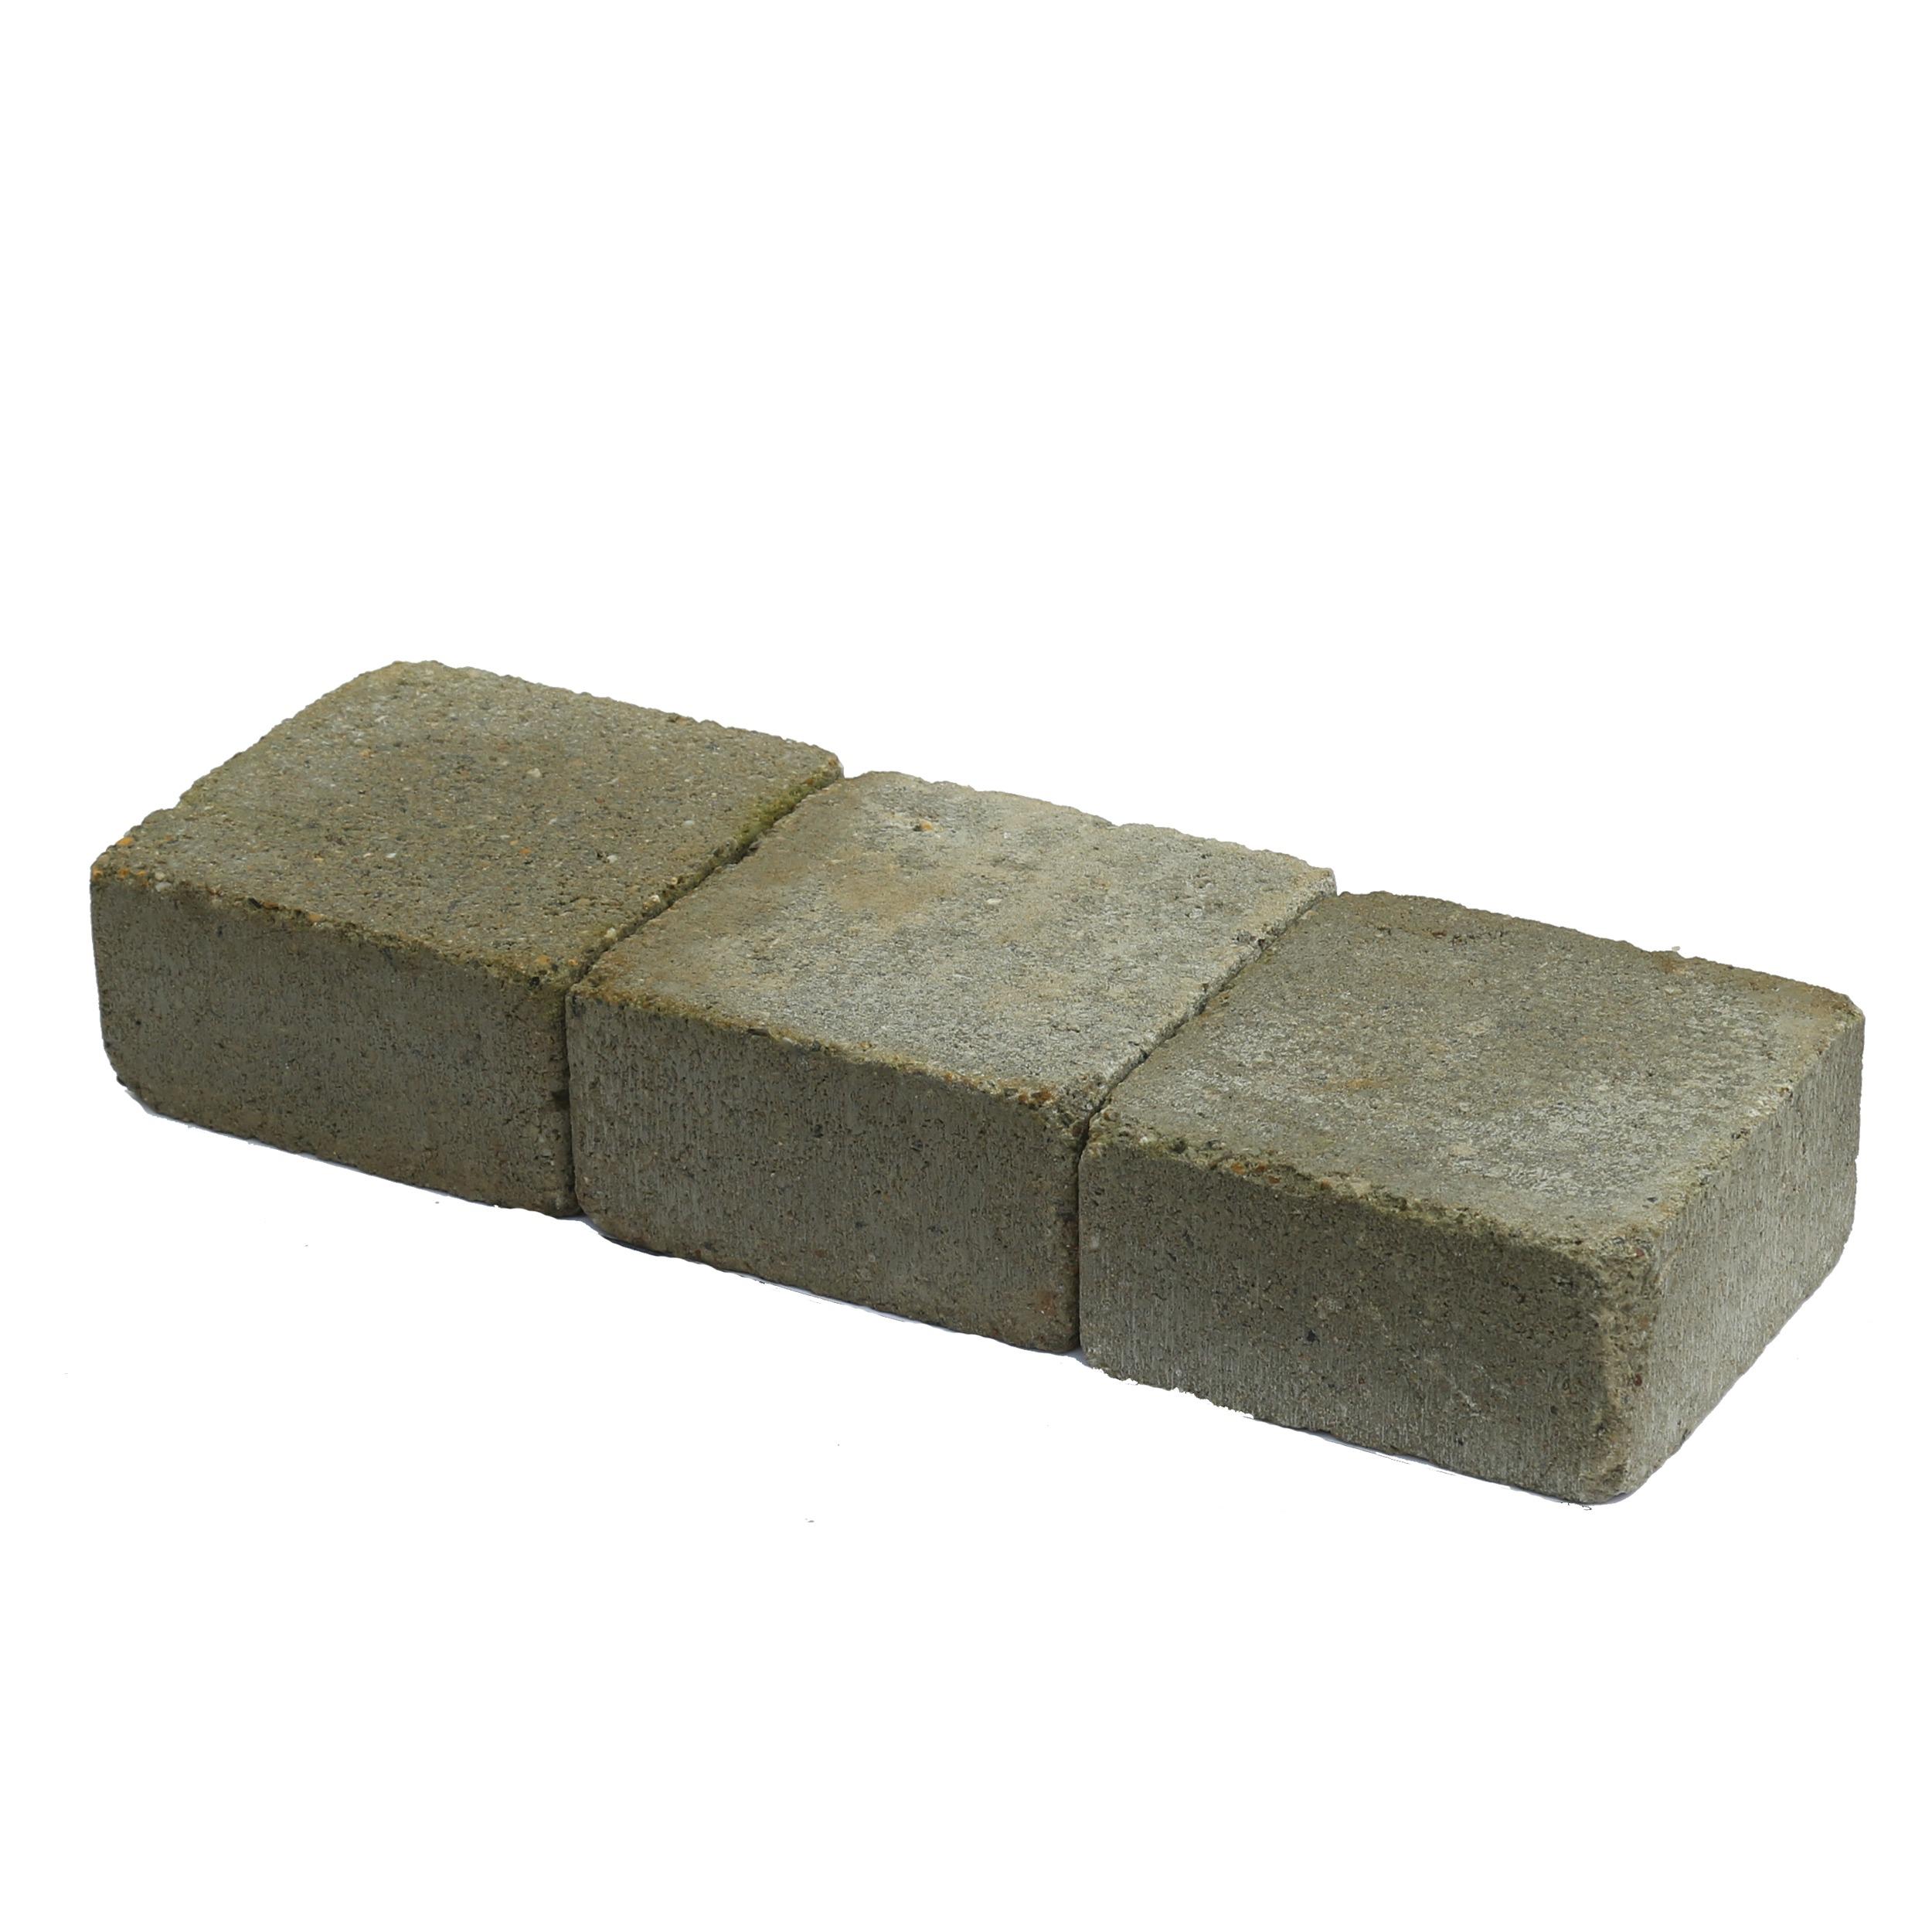 Trommelsteen Beton Grijs 14x14x7 cm - 405 Stuks - 7,94 m2